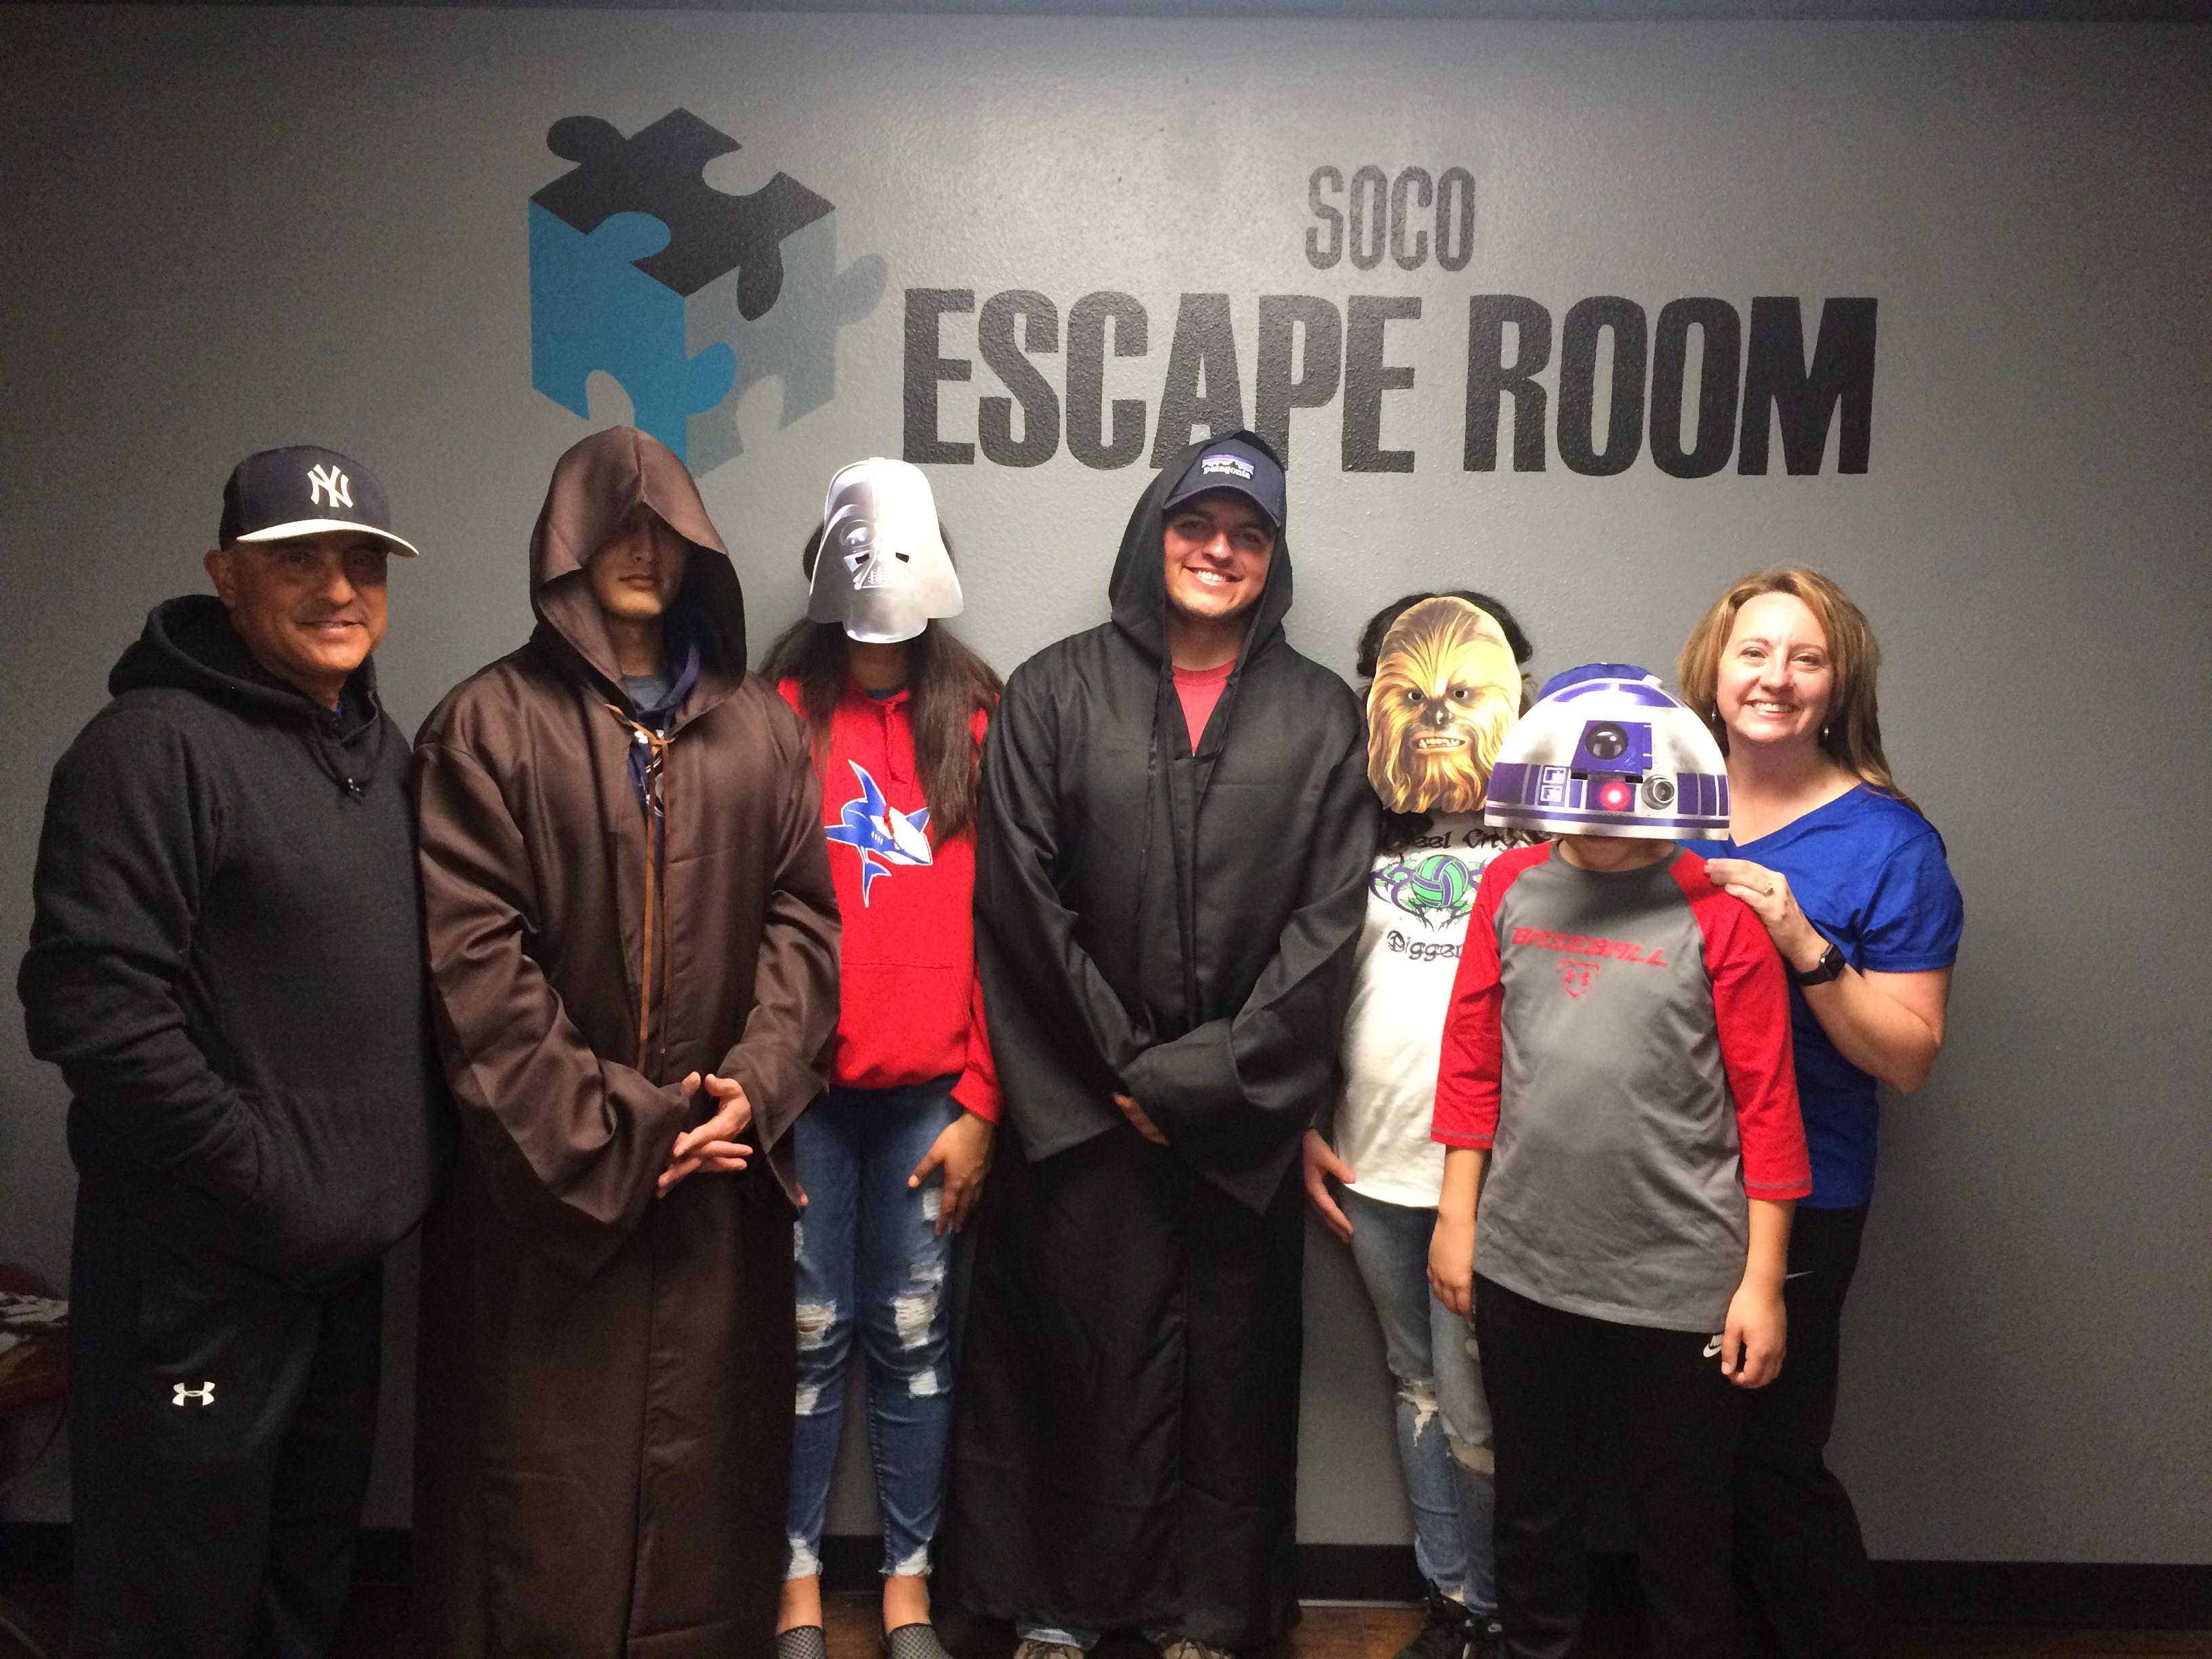 SoCo Escape Room image 11